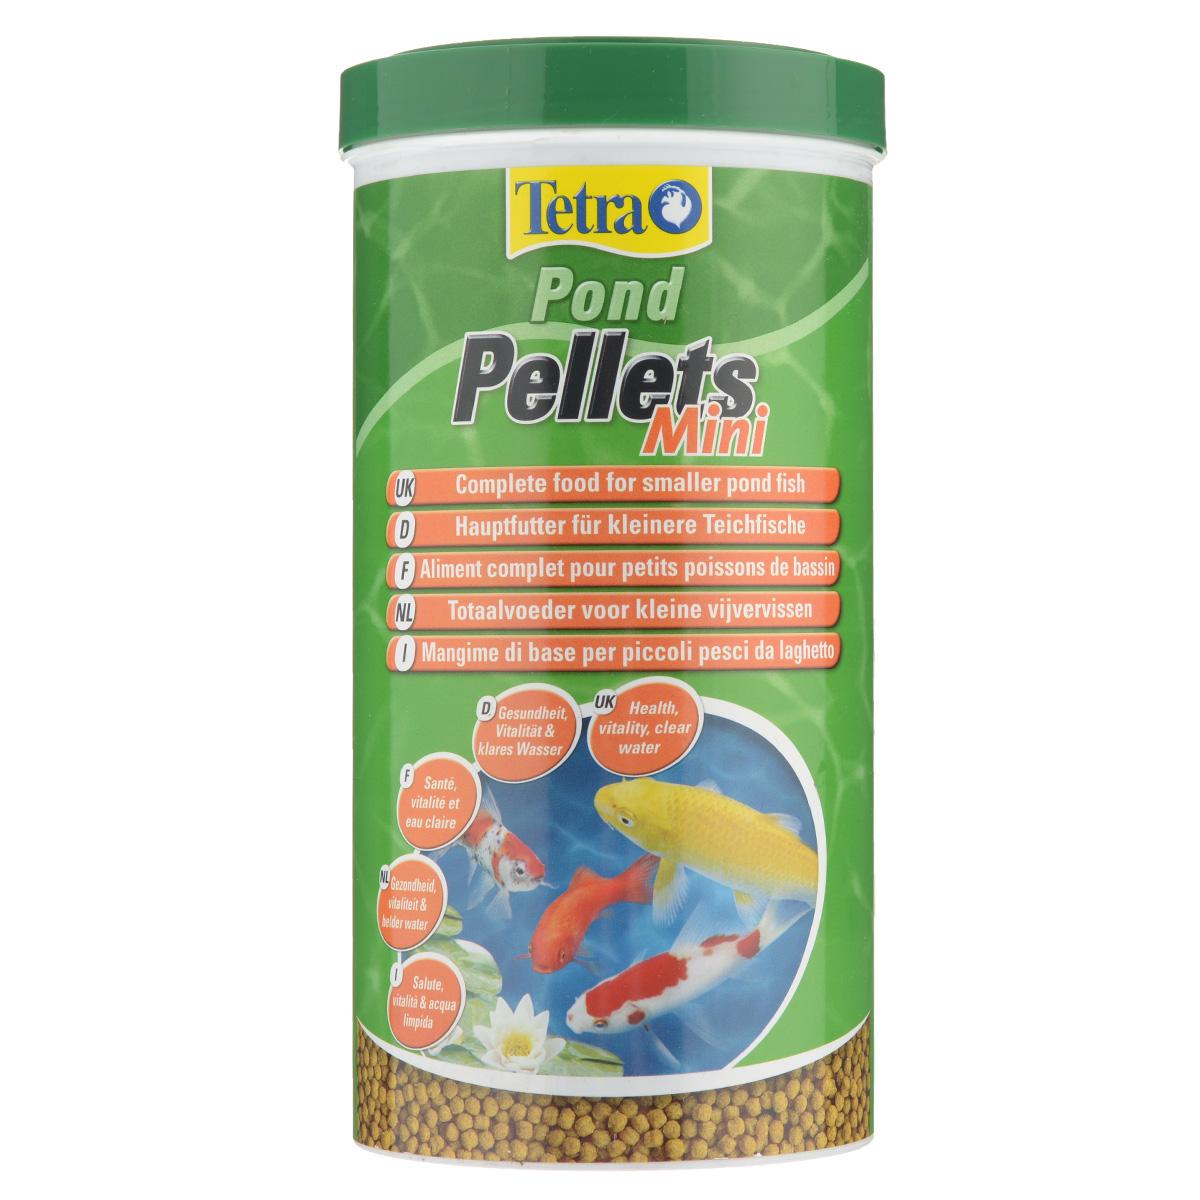 Корм сухой Tetra Pond Pellets Mini для всех видов прудовых рыб, в виде шариков, 1 л151918Корм Tetra Pond Pellets Mini - это идеальный корм в виде шариков для всех видов прудовых рыб длиной до 20 см. Обеспечивает полноценное и сбалансированное питание. быстро размягчается в воде и легко переваривается рыбами, обеспечивает небольшое количество отходов и не загрязняет воду. Рекомендации по кормлению: кормите не менее 2-3 раз в день в таком количестве, которое ваши рыбы могут съесть в течение нескольких минут. Характеристики: Состав: зерновые культуры, экстракты растительного белка, растительные продукты, рыба и побочные рыбные продукты, дрожжи, масла и жиры, водоросли, минеральные вещества. Пищевая ценность: сырой белок - 28%, сырые масла и жиры - 3.5%, сырая клетчатка - 2%, влага - 7%. Добавки: витамины, провитамины и химические вещества с аналогичным воздействием, витамин А 28800 МЕ/кг, витамин Д3 1800 МЕ/кг. Комбинации элементов: Е5 Марганец 74 мг/кг, Е6 Цинк 44 мг/кг, Е1 Железо 29 мг/кг, Е3 Кобальт 0,5 мг/кг....